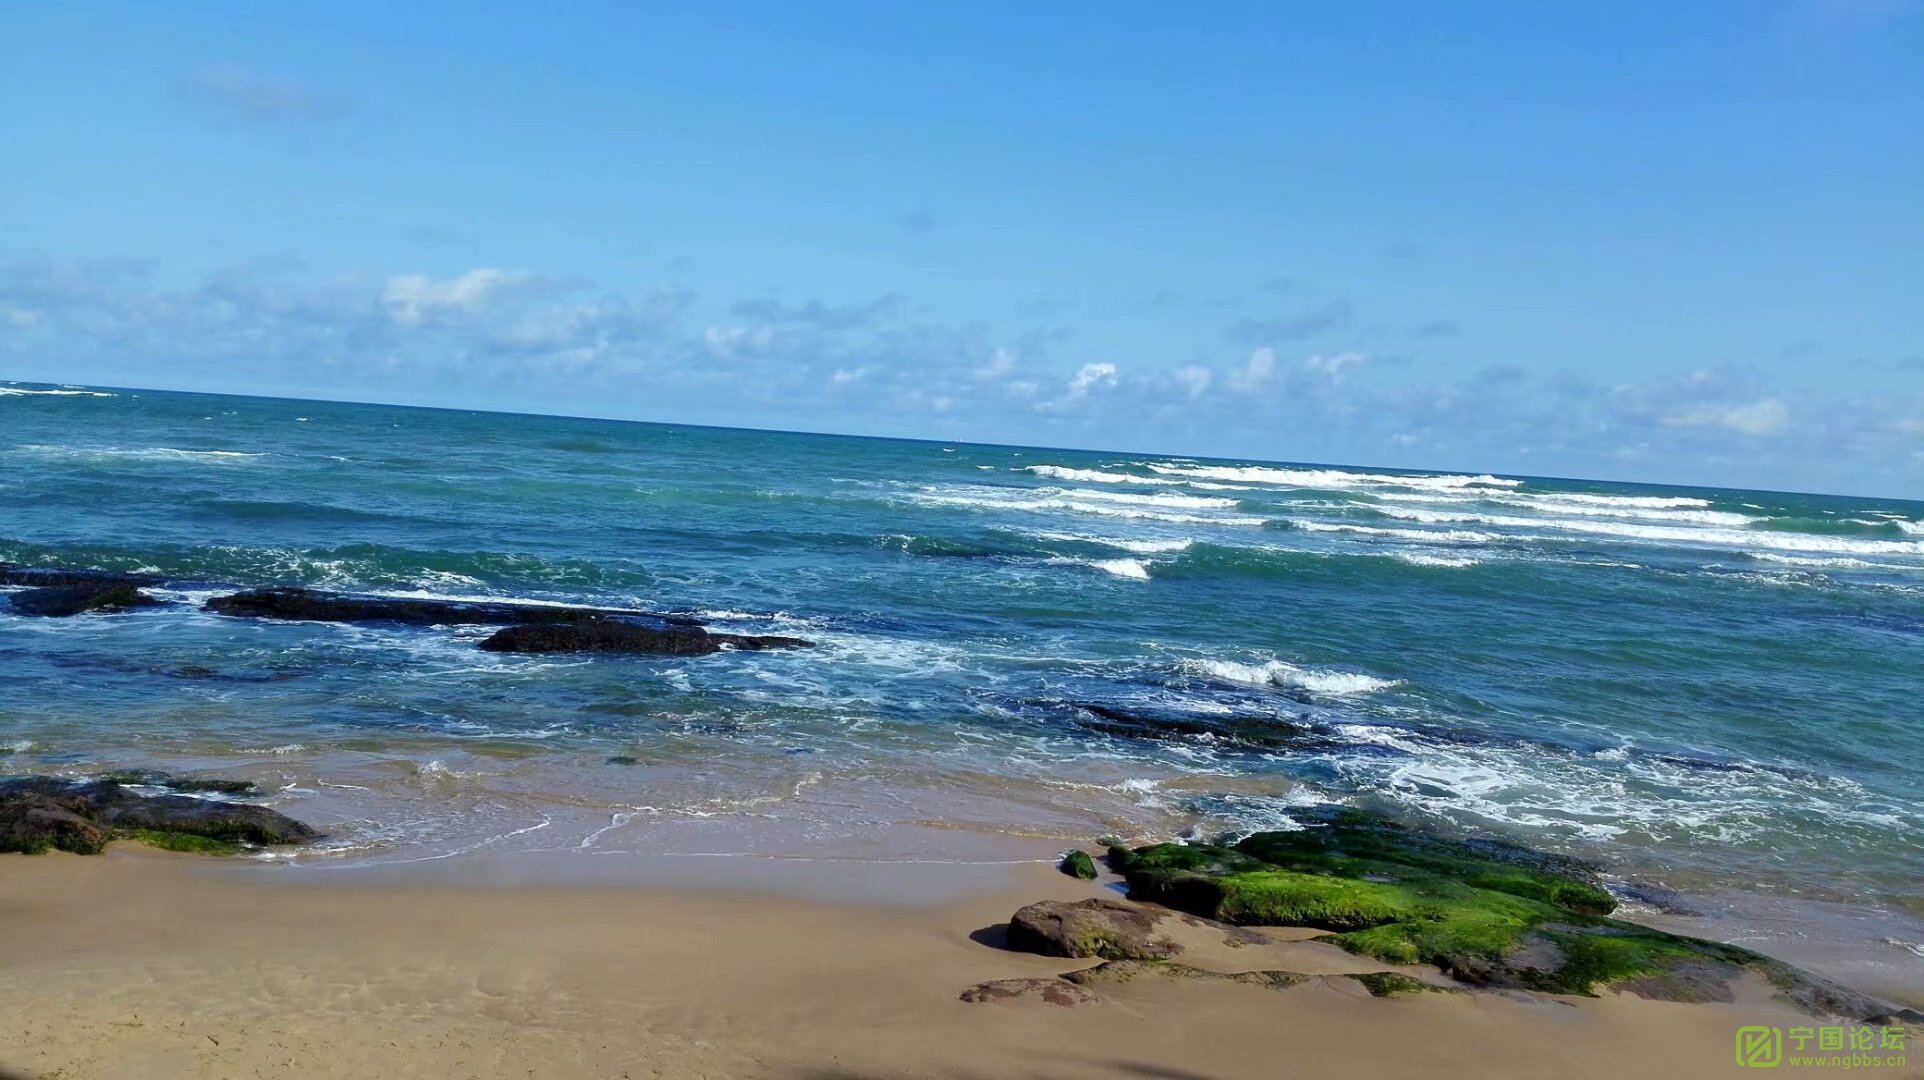 加纳风光-好久没发了 - 宁国论坛 - 大西洋1